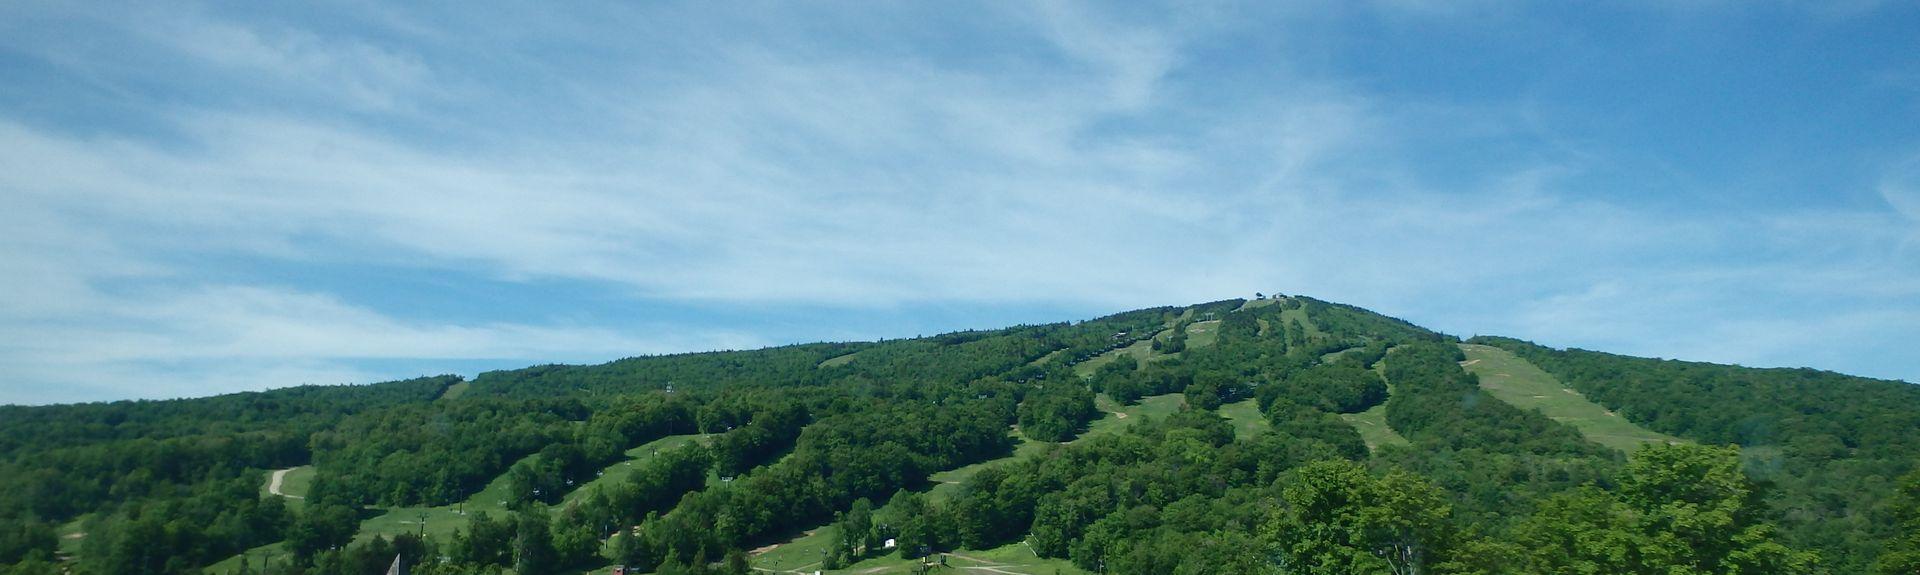 Parc d'État de Fort Dummer, Brattleboro, Vermont, États-Unis d'Amérique